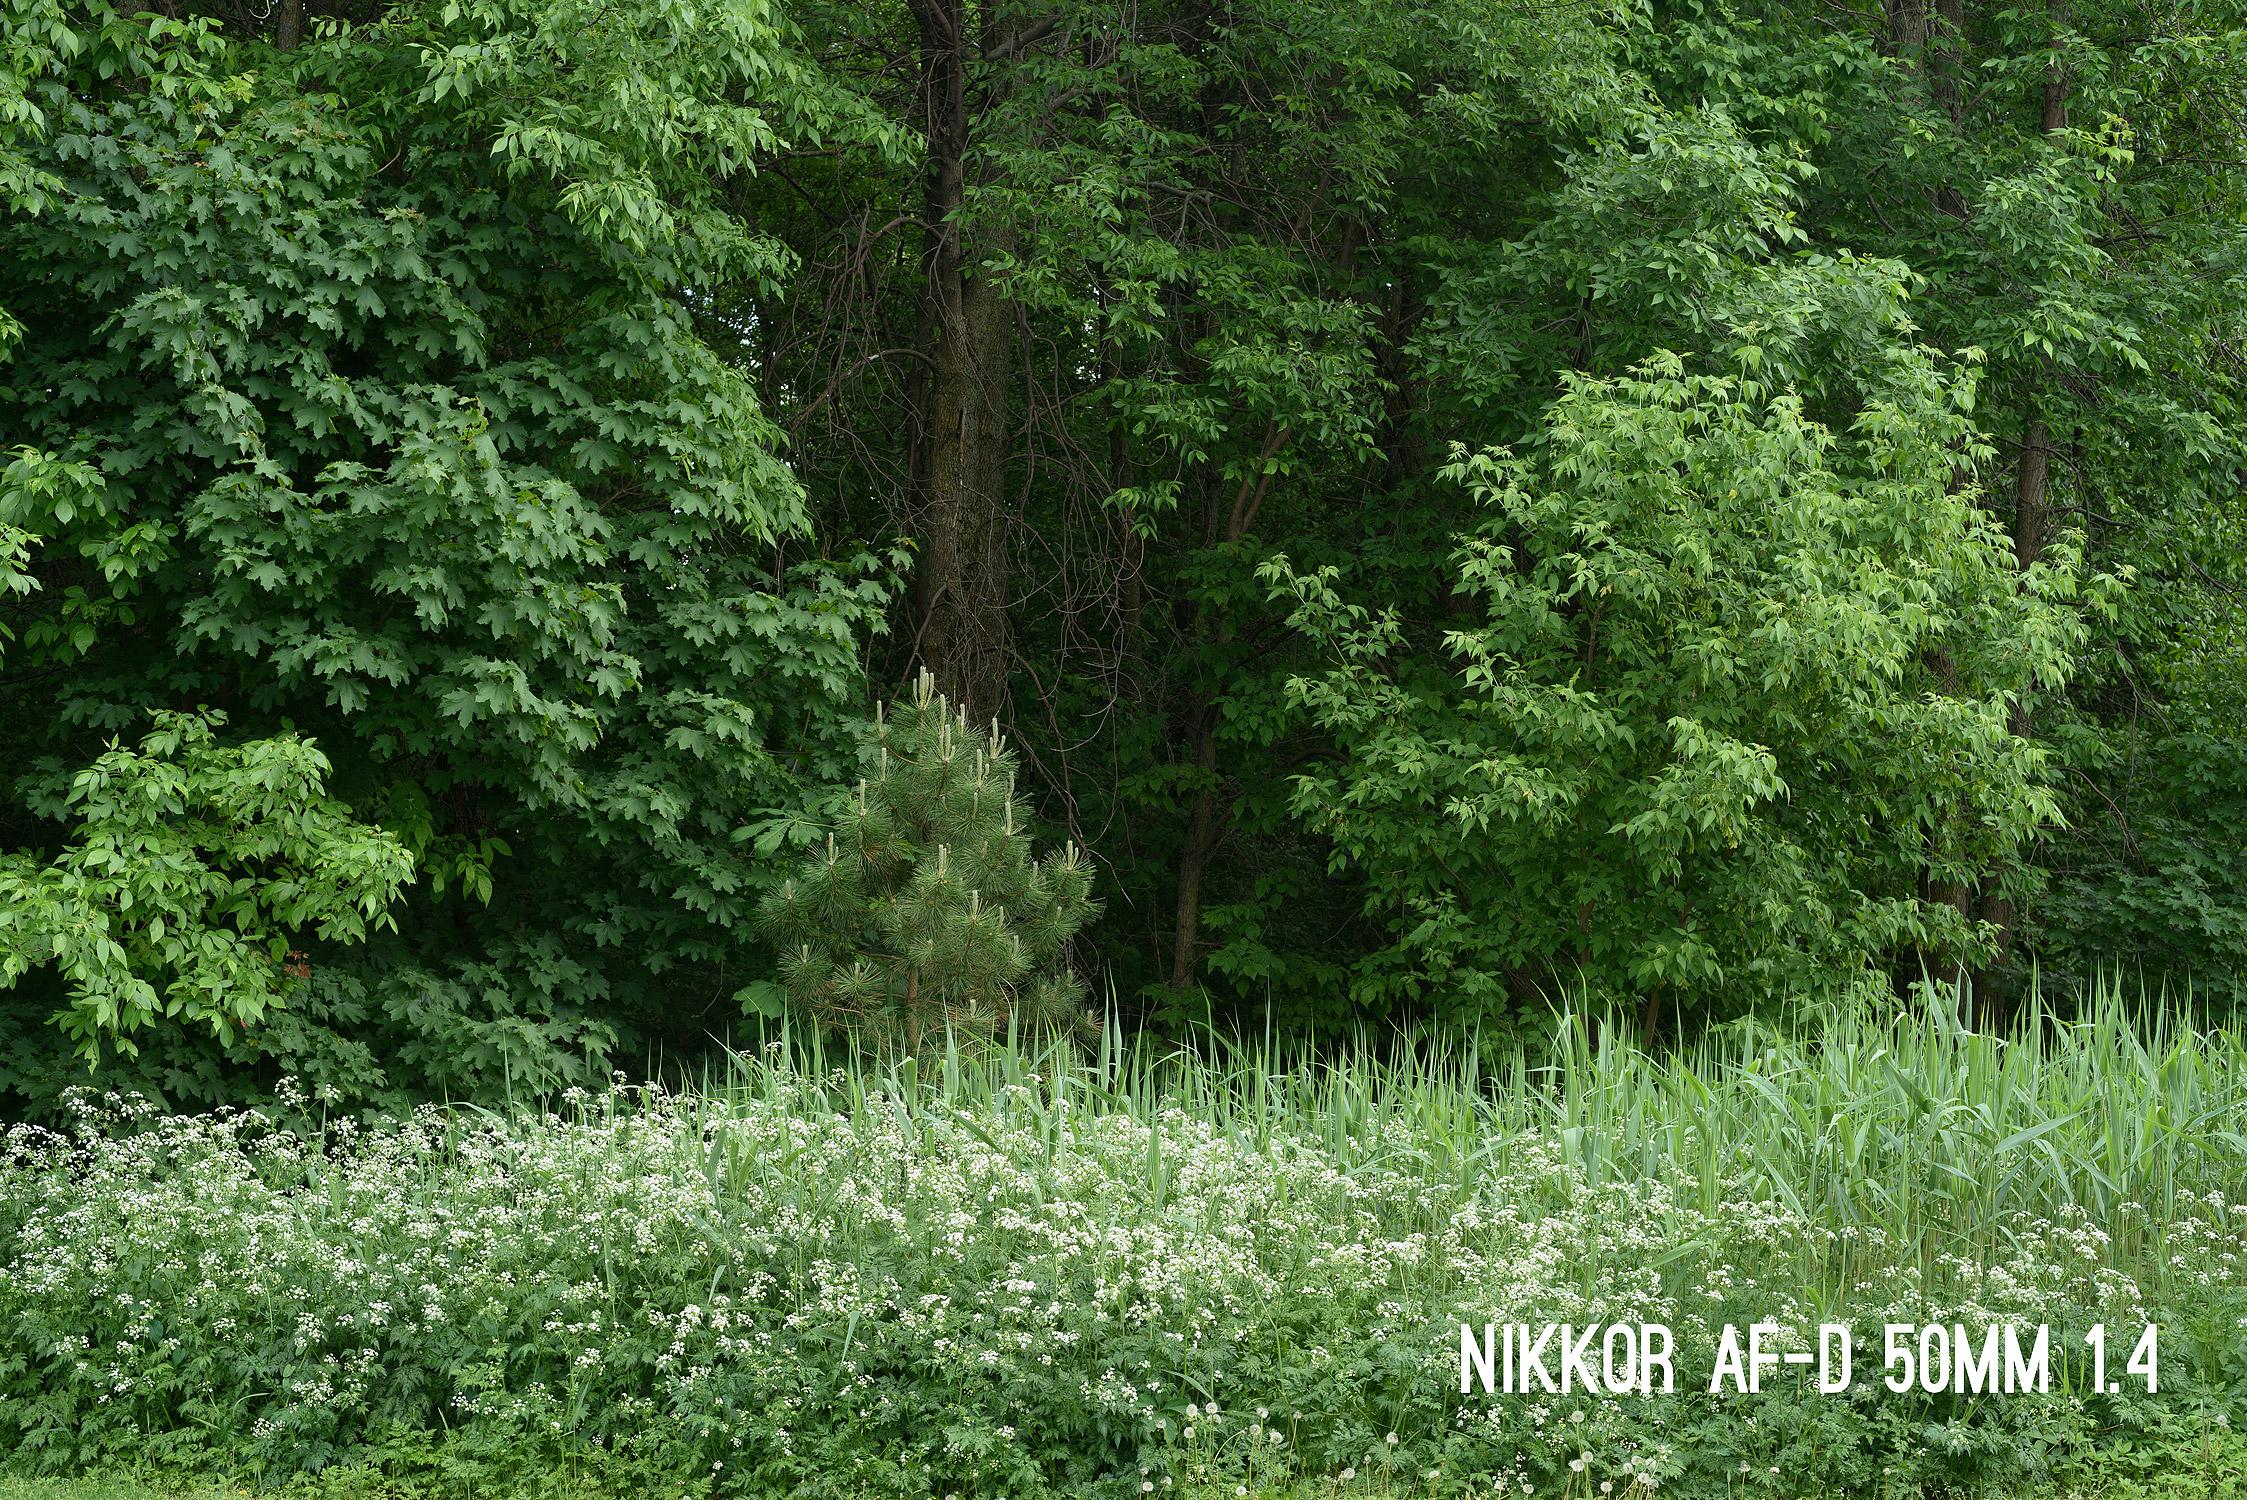 afd14.jpg